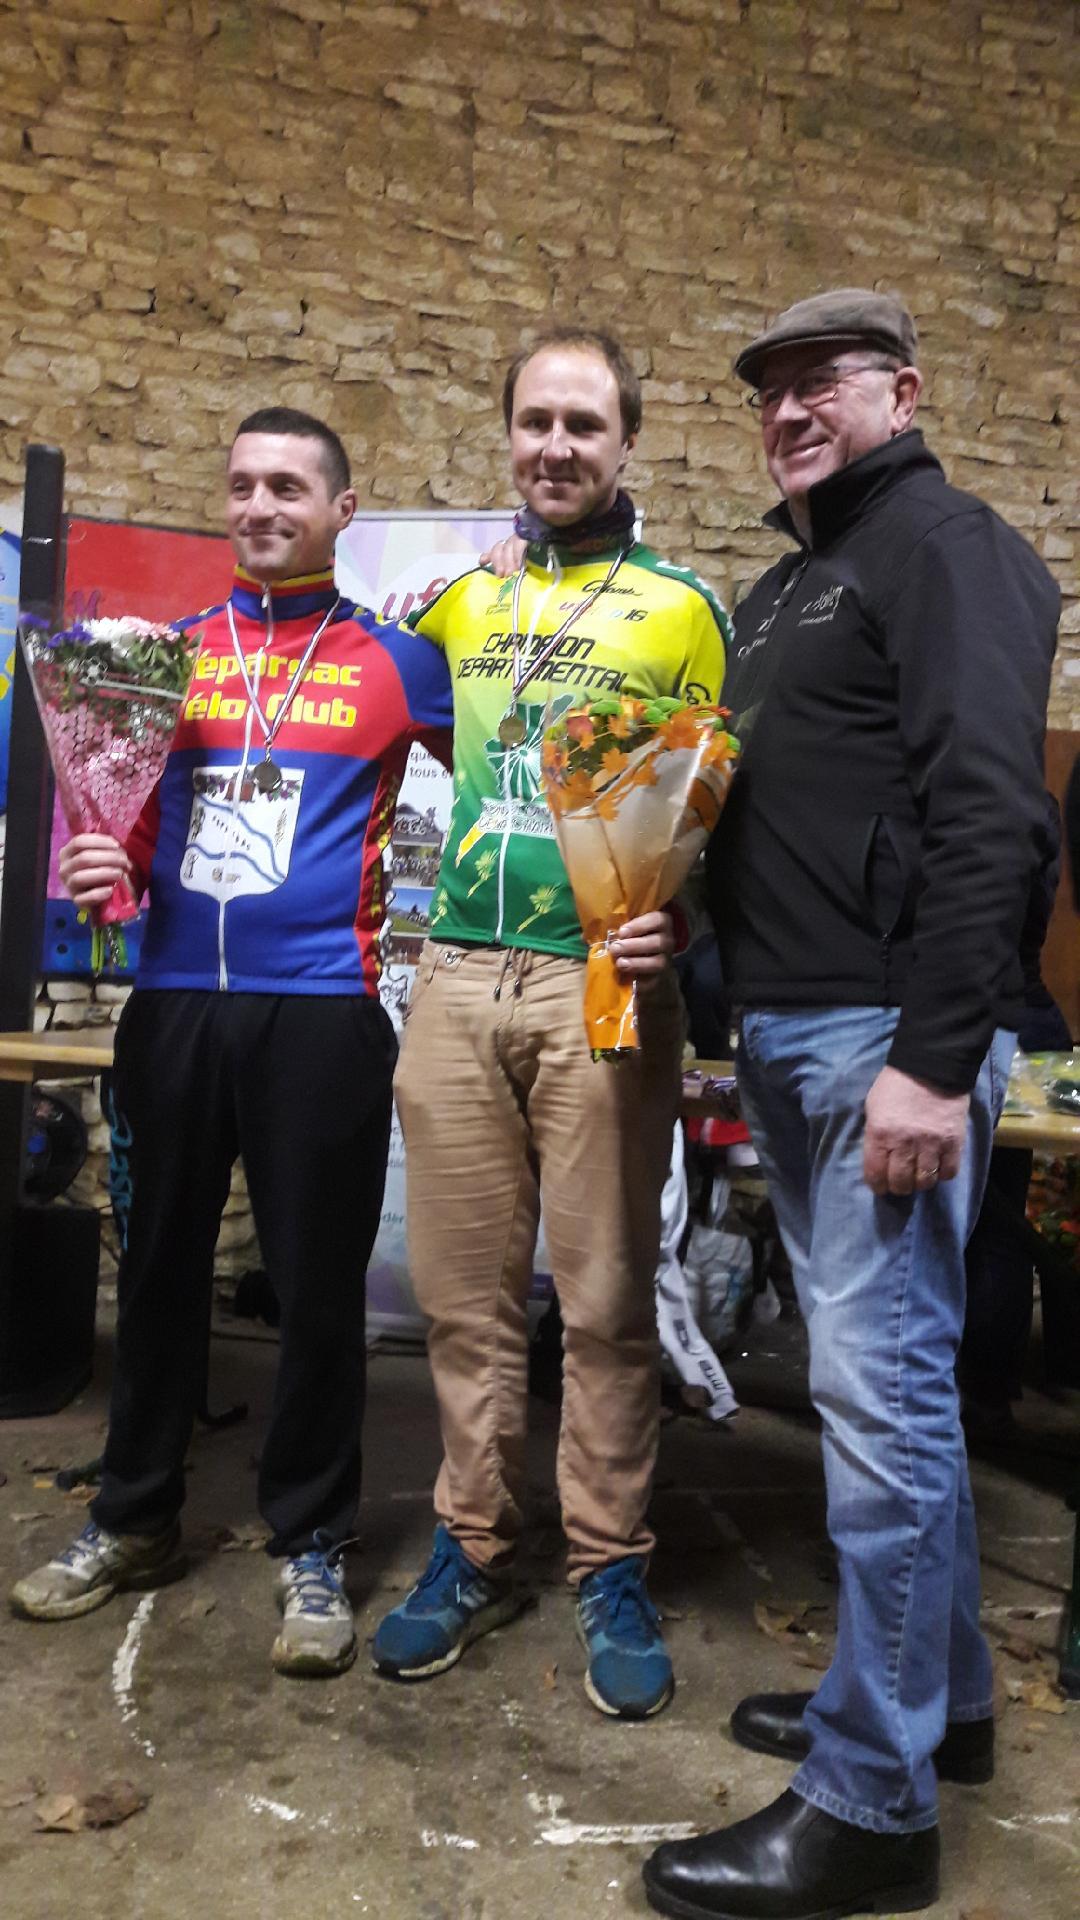 Le 15/12/2019   Brux (86)  Cyclo cross.   Alexandre Debeau (AC4B) Champion Départemental  charente.